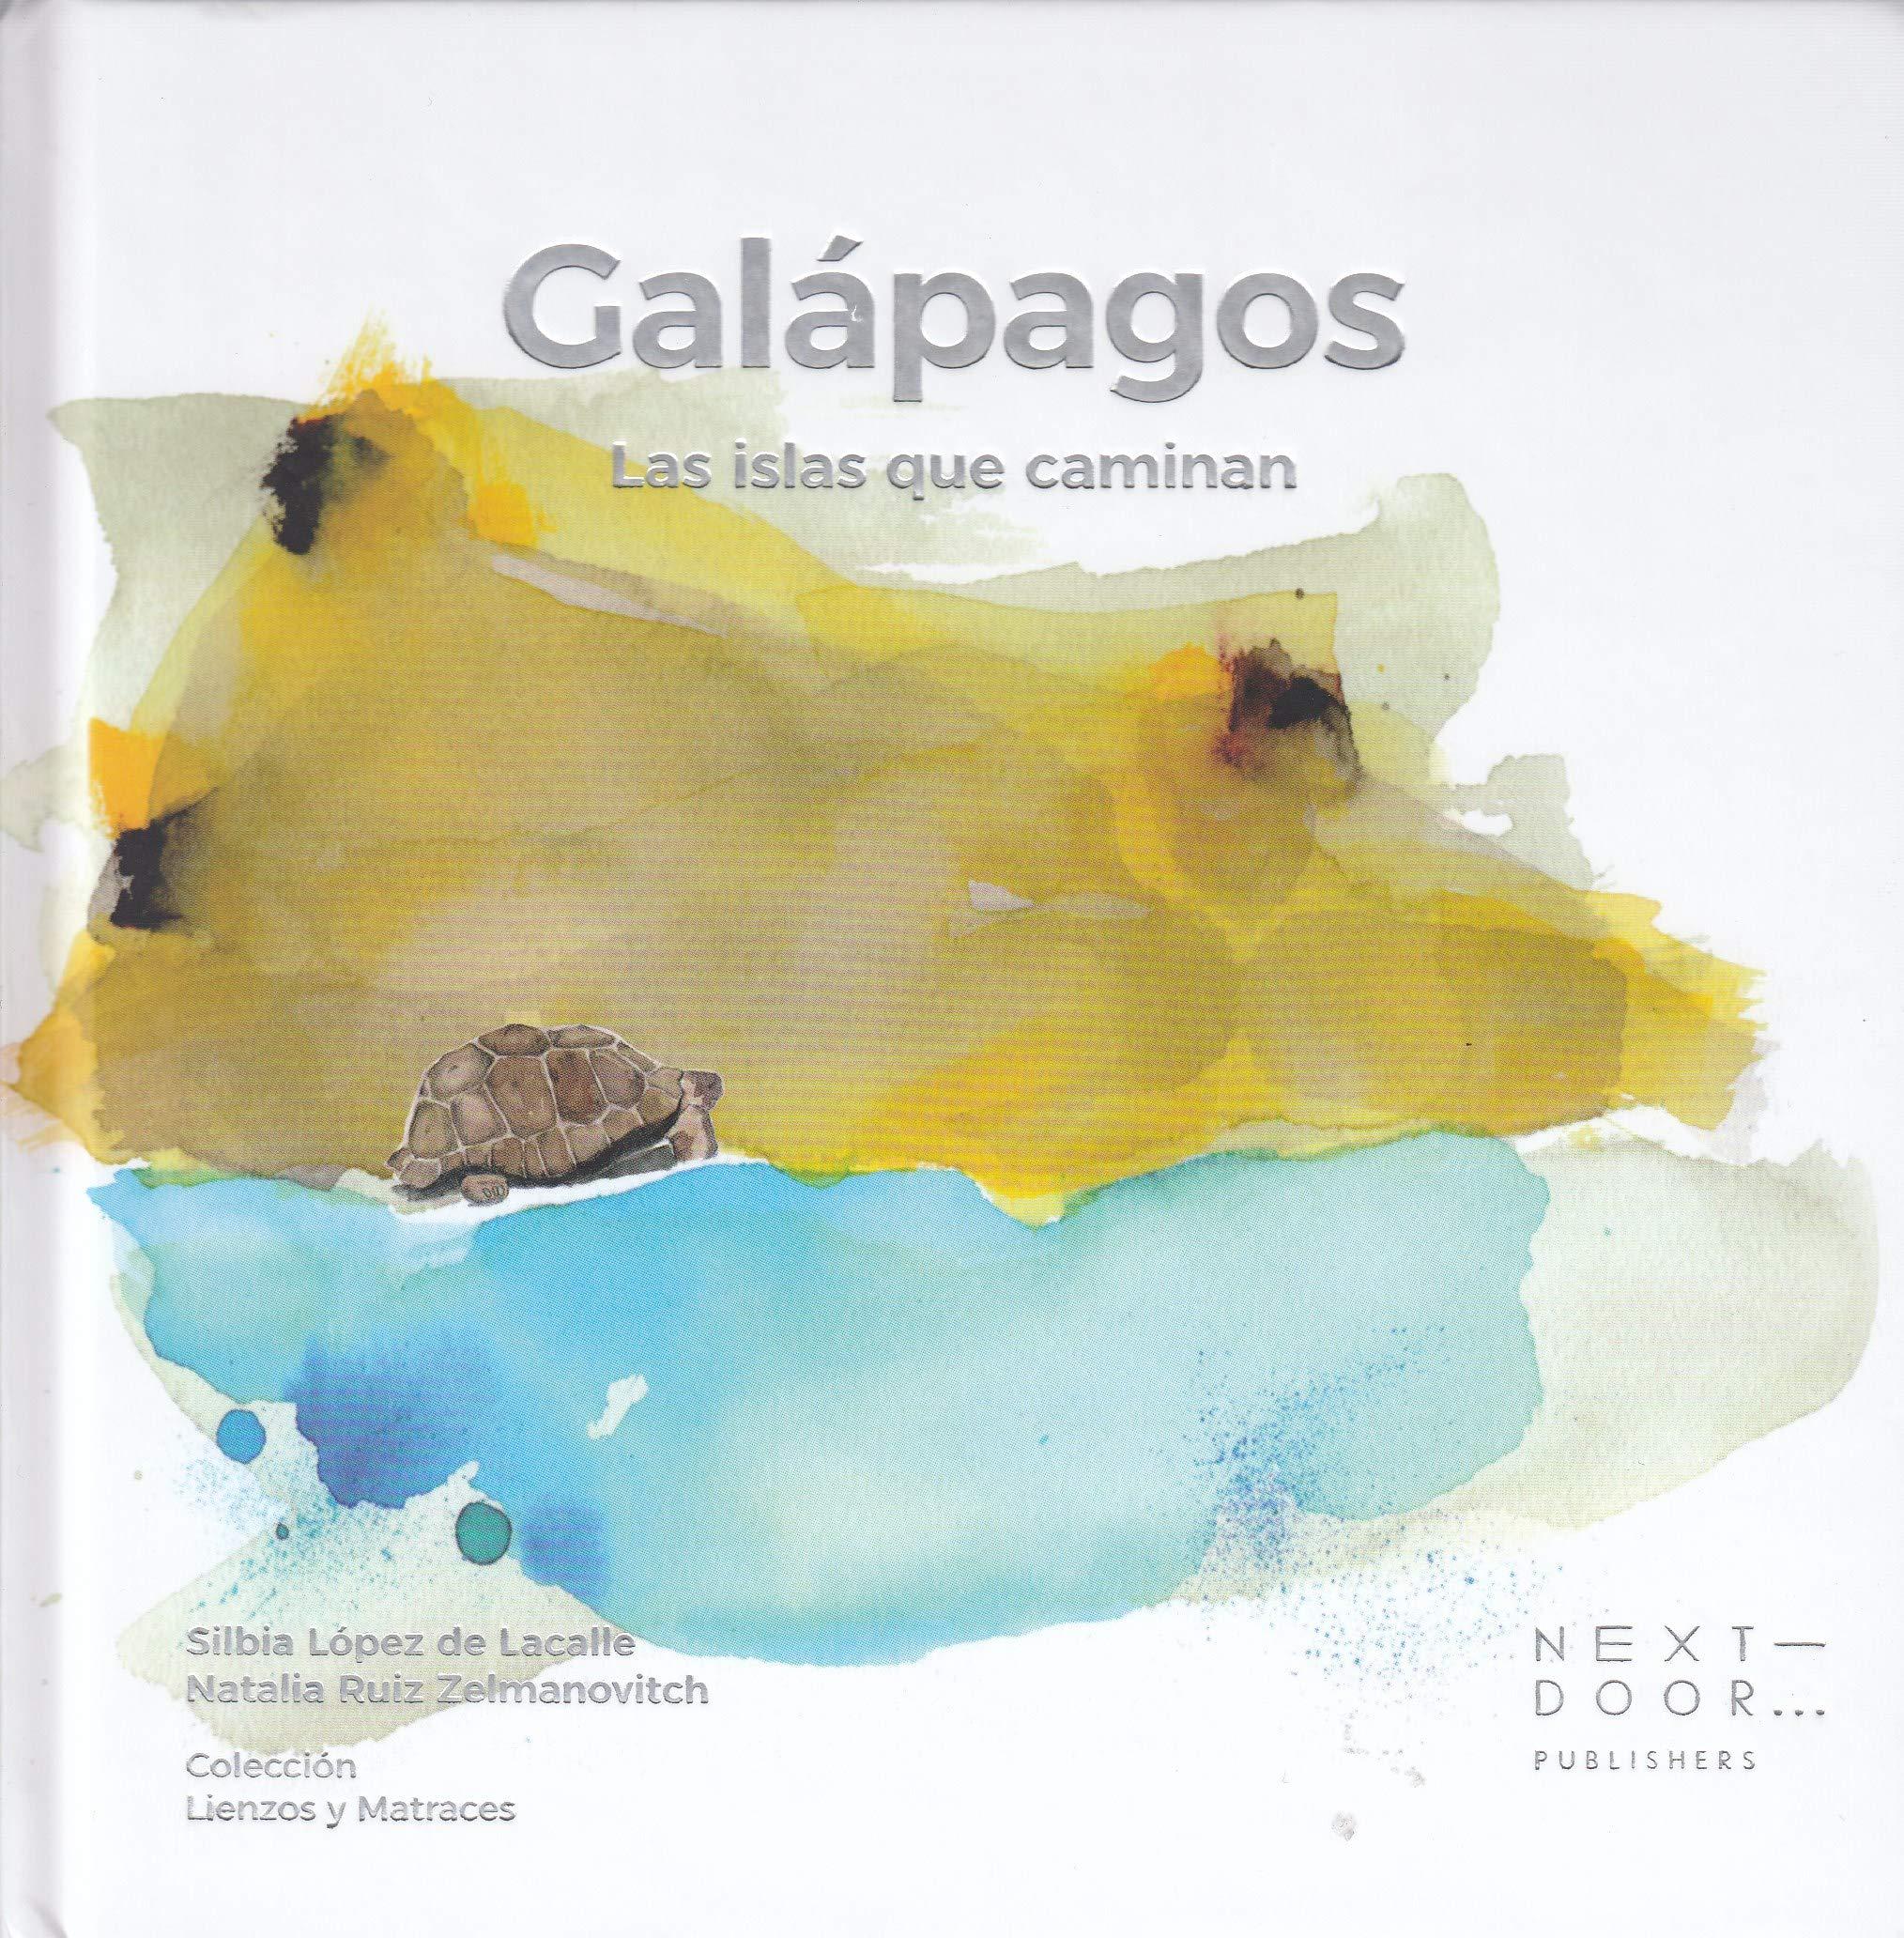 Galápagos: Las islas que caminan (Lienzos y Matraces)